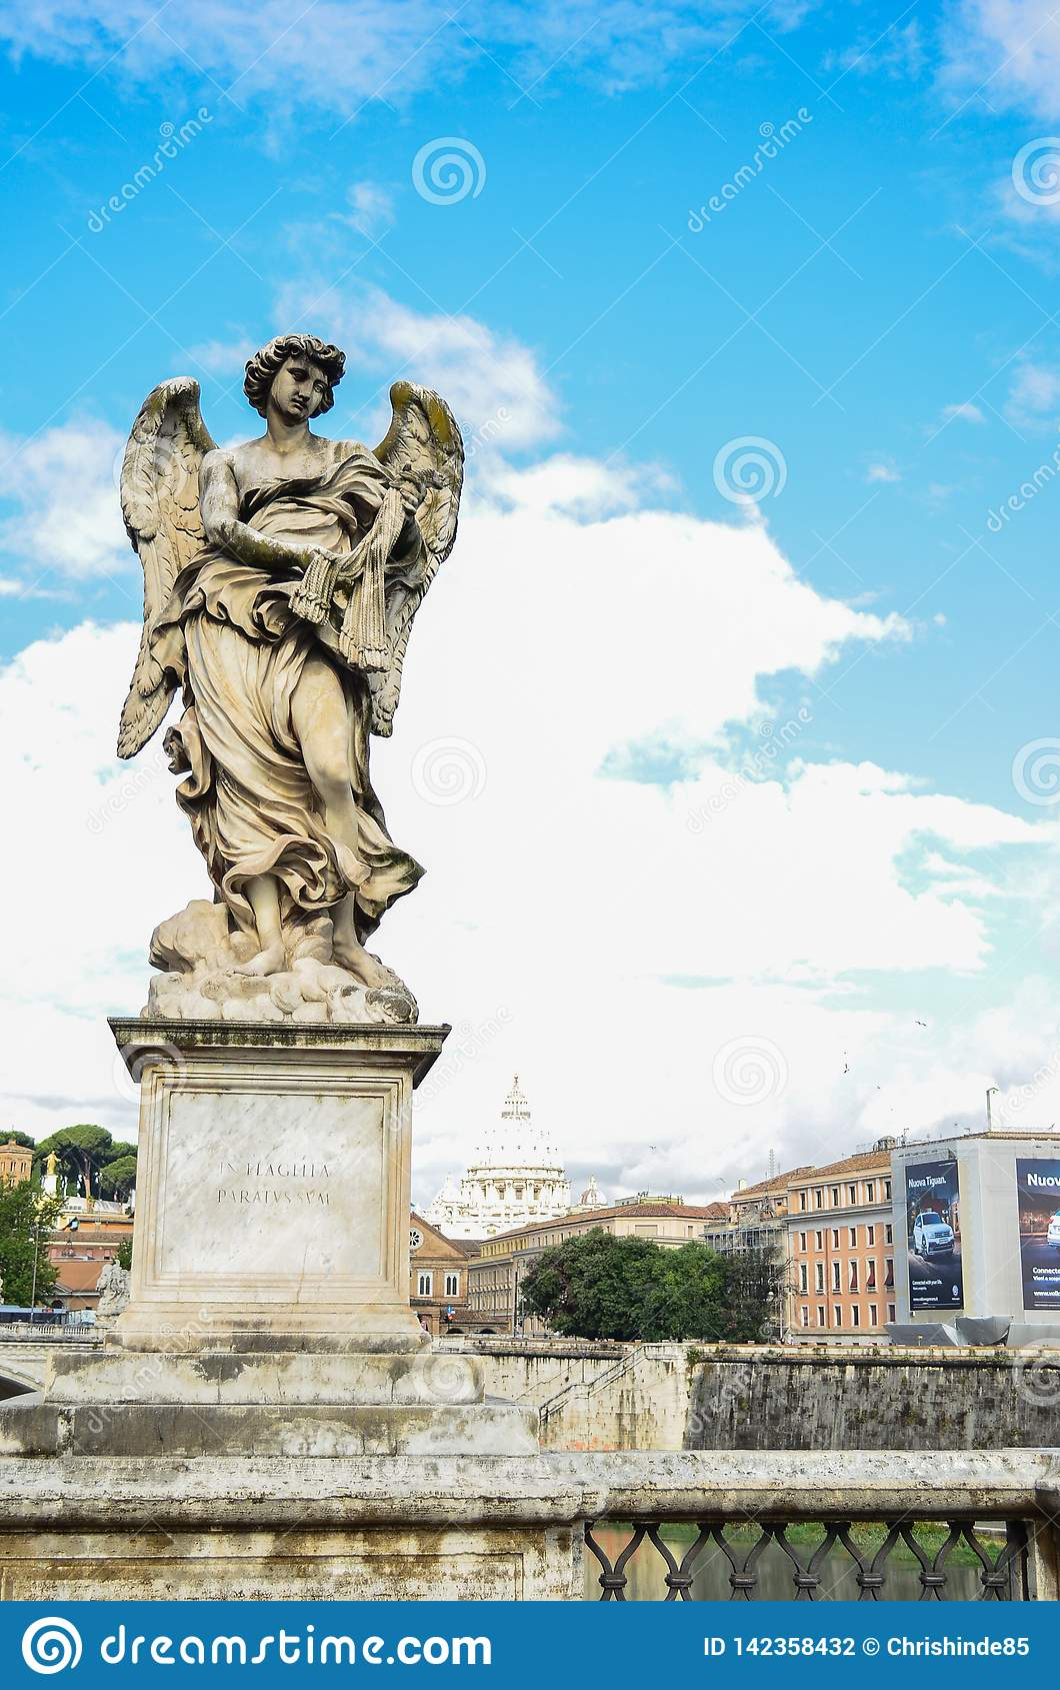 Italian statue daylight